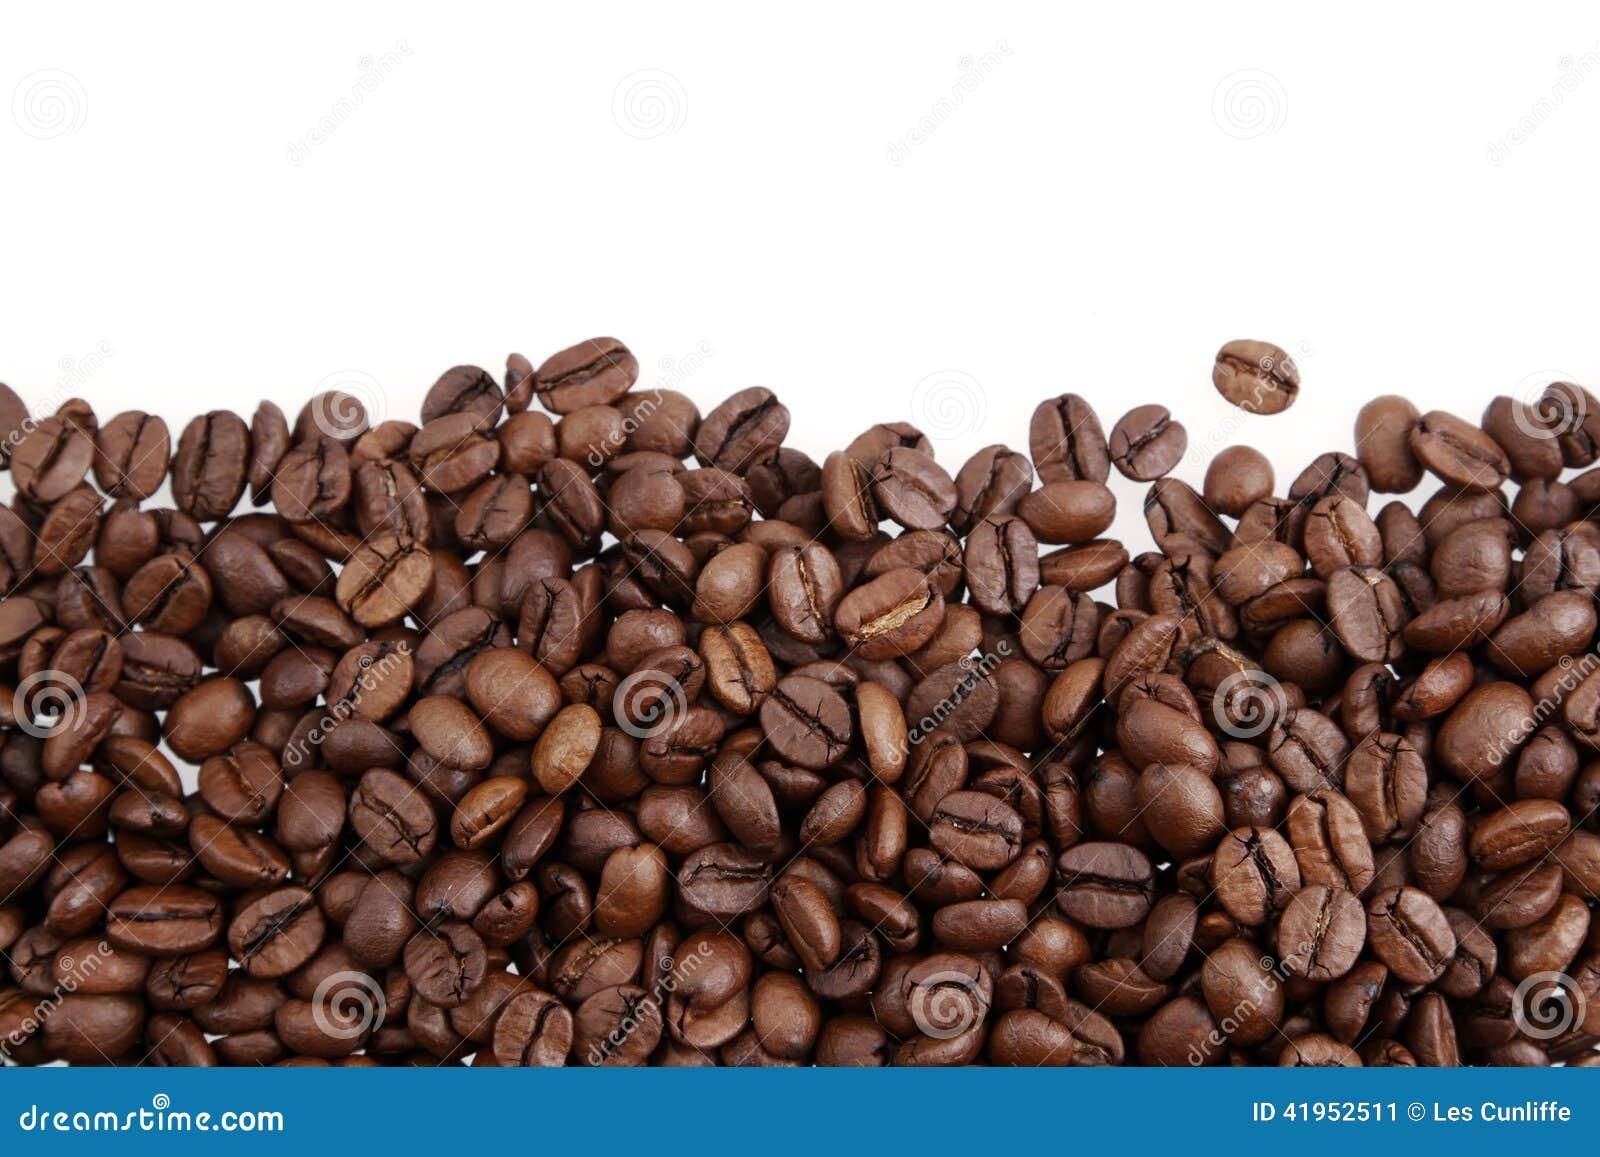 Bean śniadanie kawa ideał wyizolował makro nadmiar białych